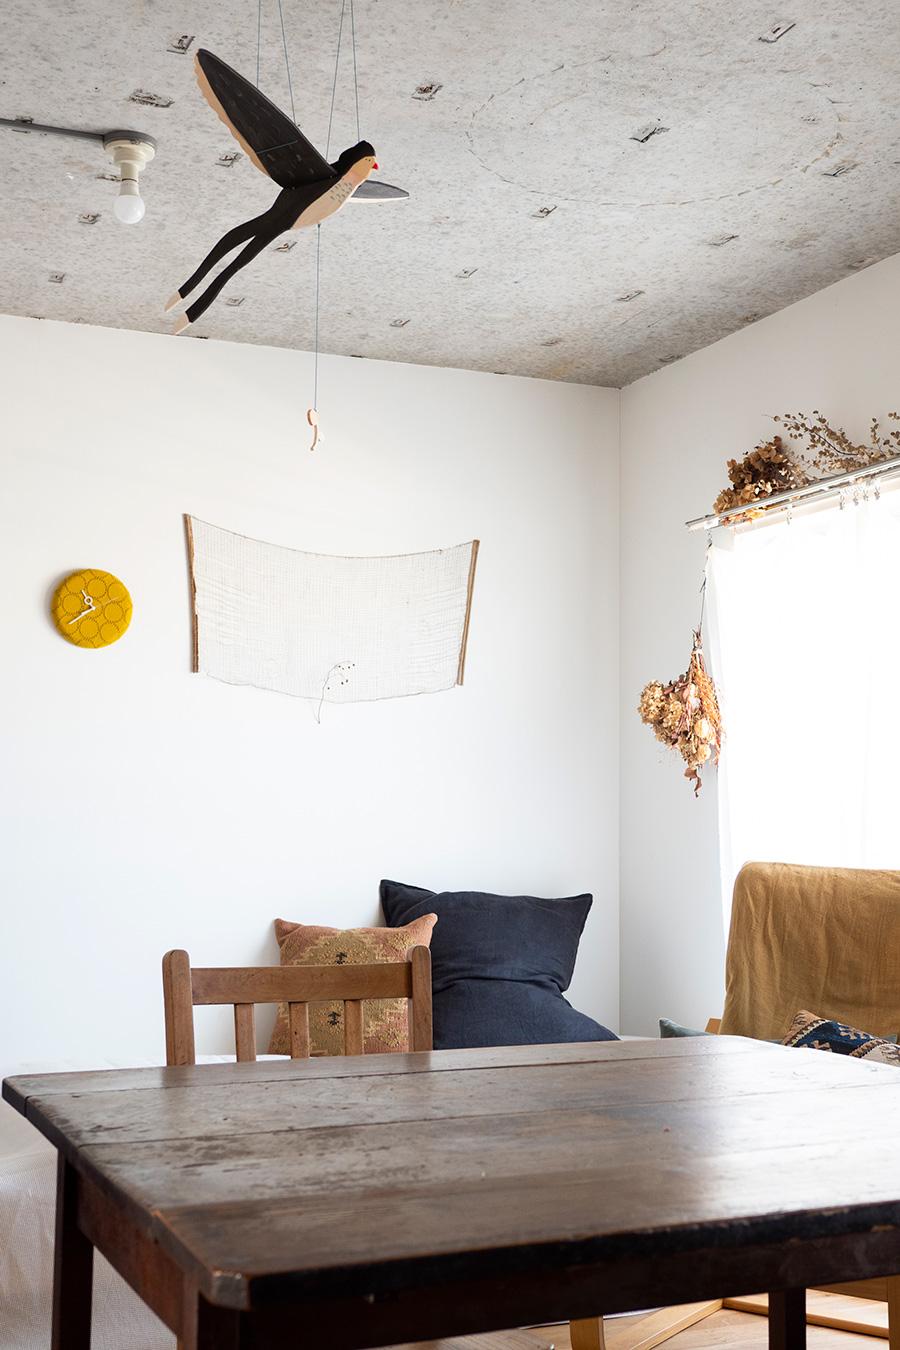 鳥のモビールは「acutti」で入荷次第売り切れる人気商品。壁には蚕網、圷さんのお母様制作の時計を。